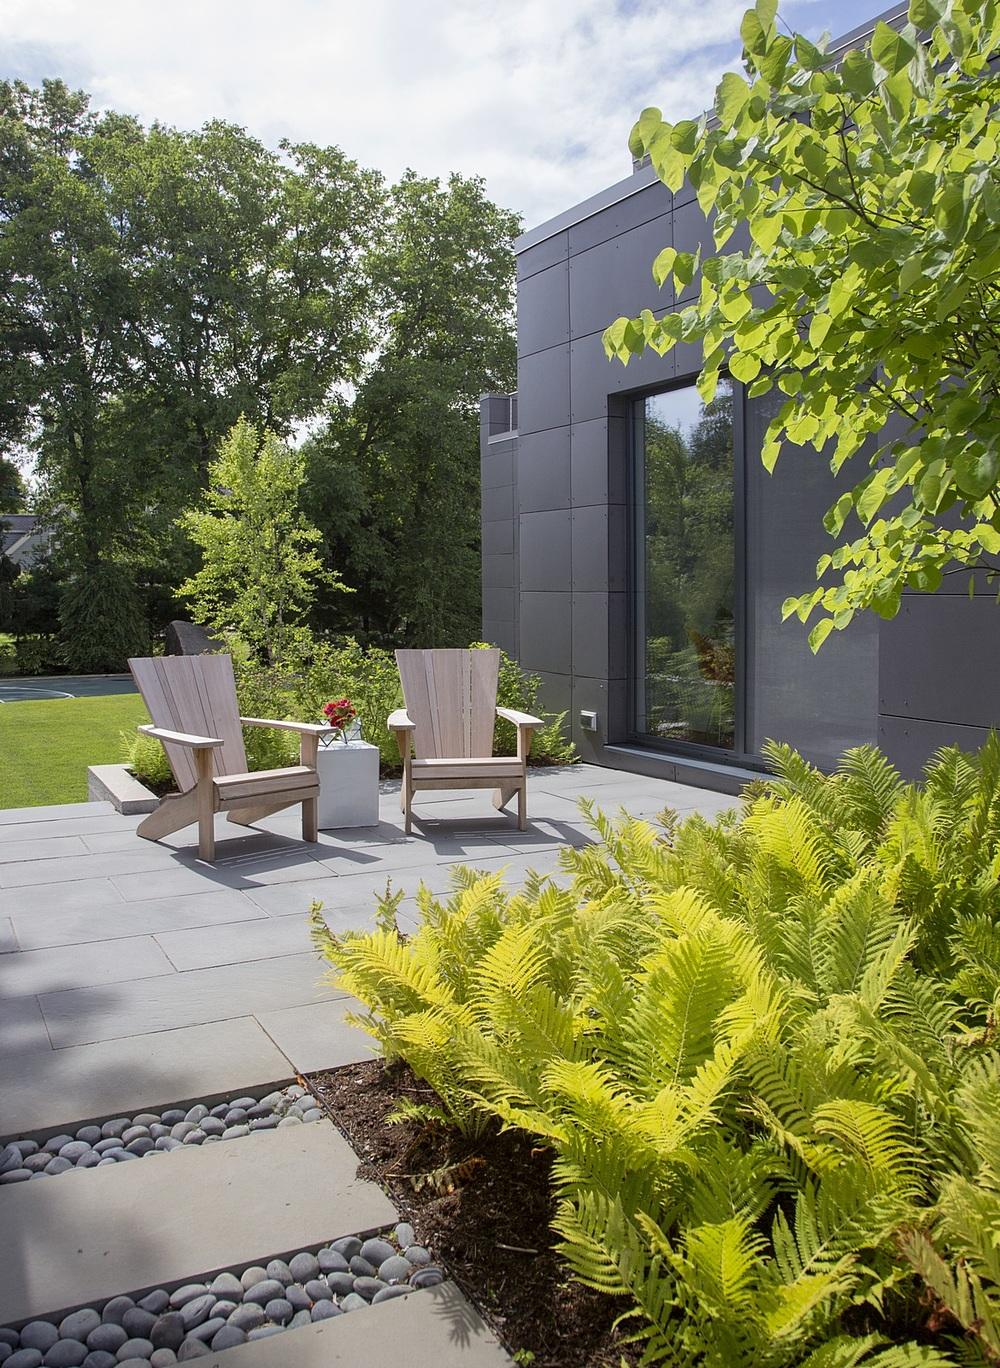 Modern-Green-Home-019.jpg